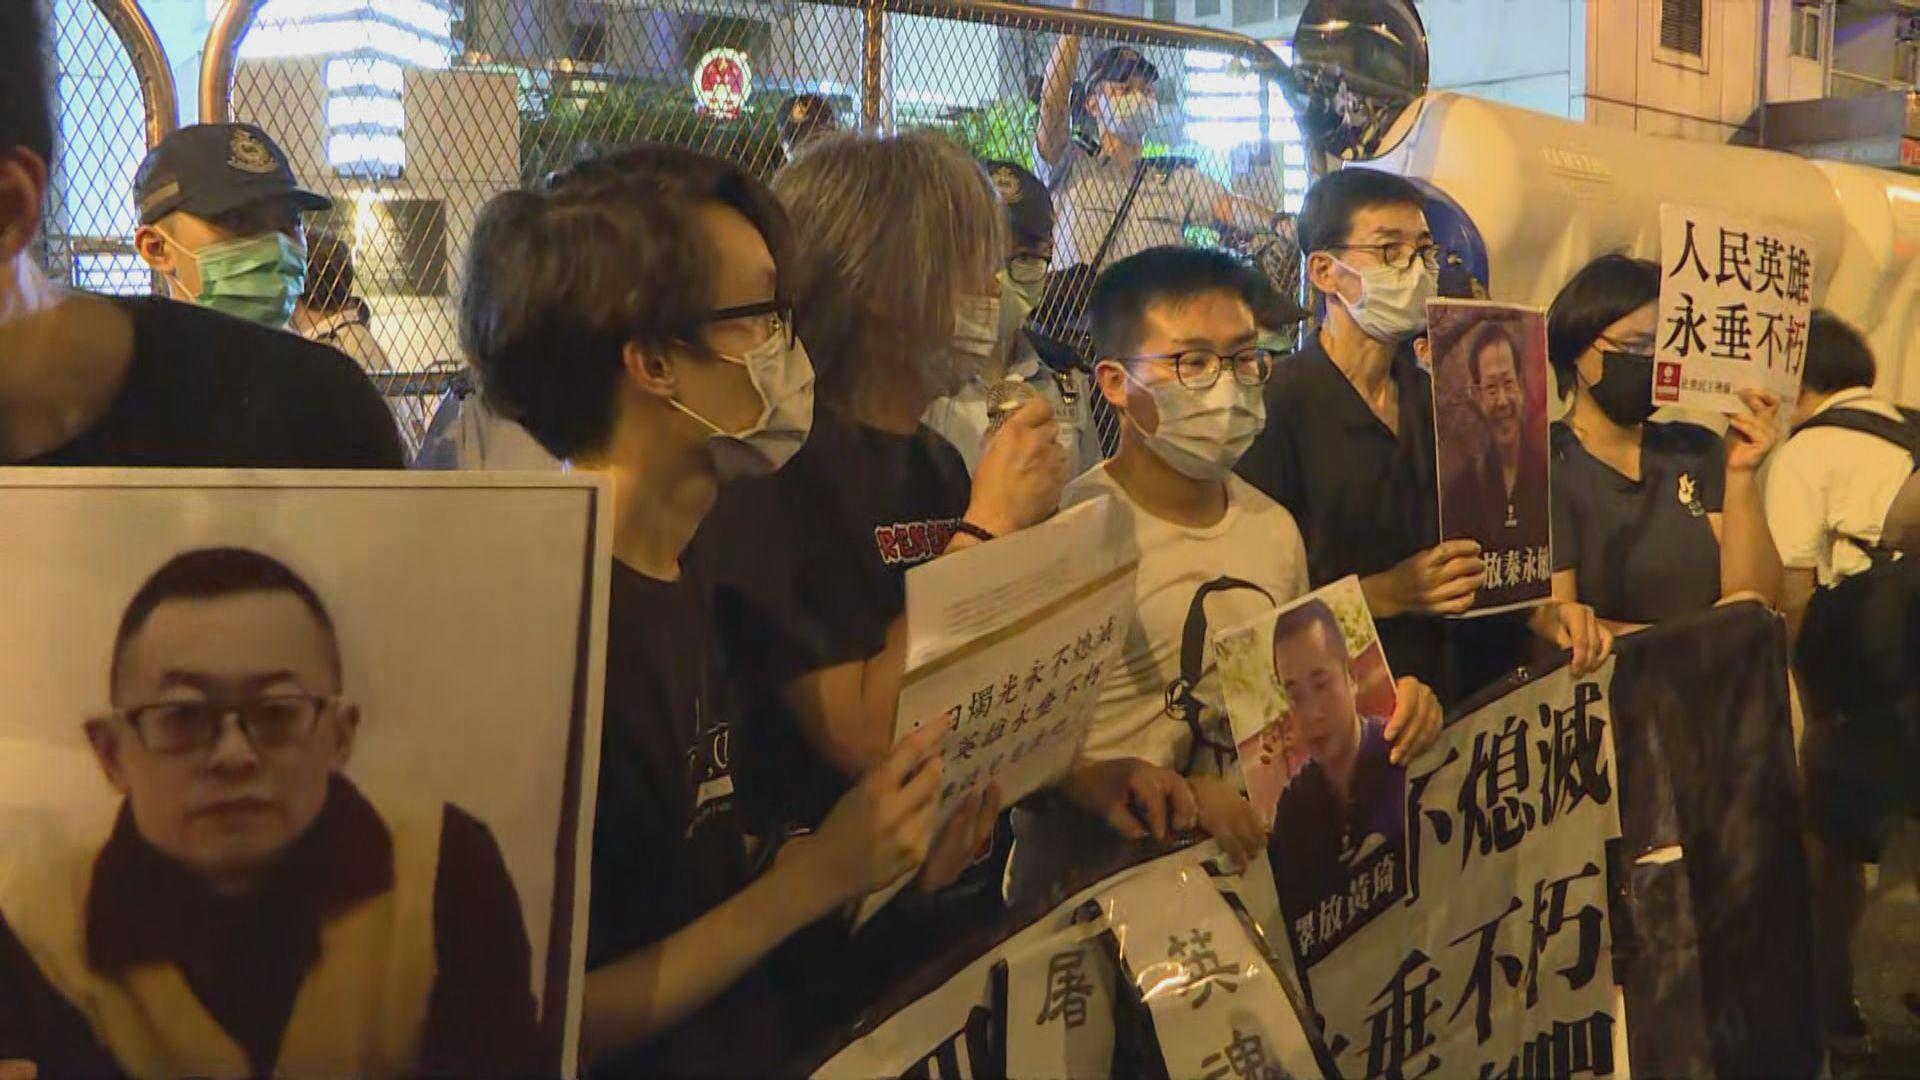 維園集會結束後社民連到中聯辦外抗議